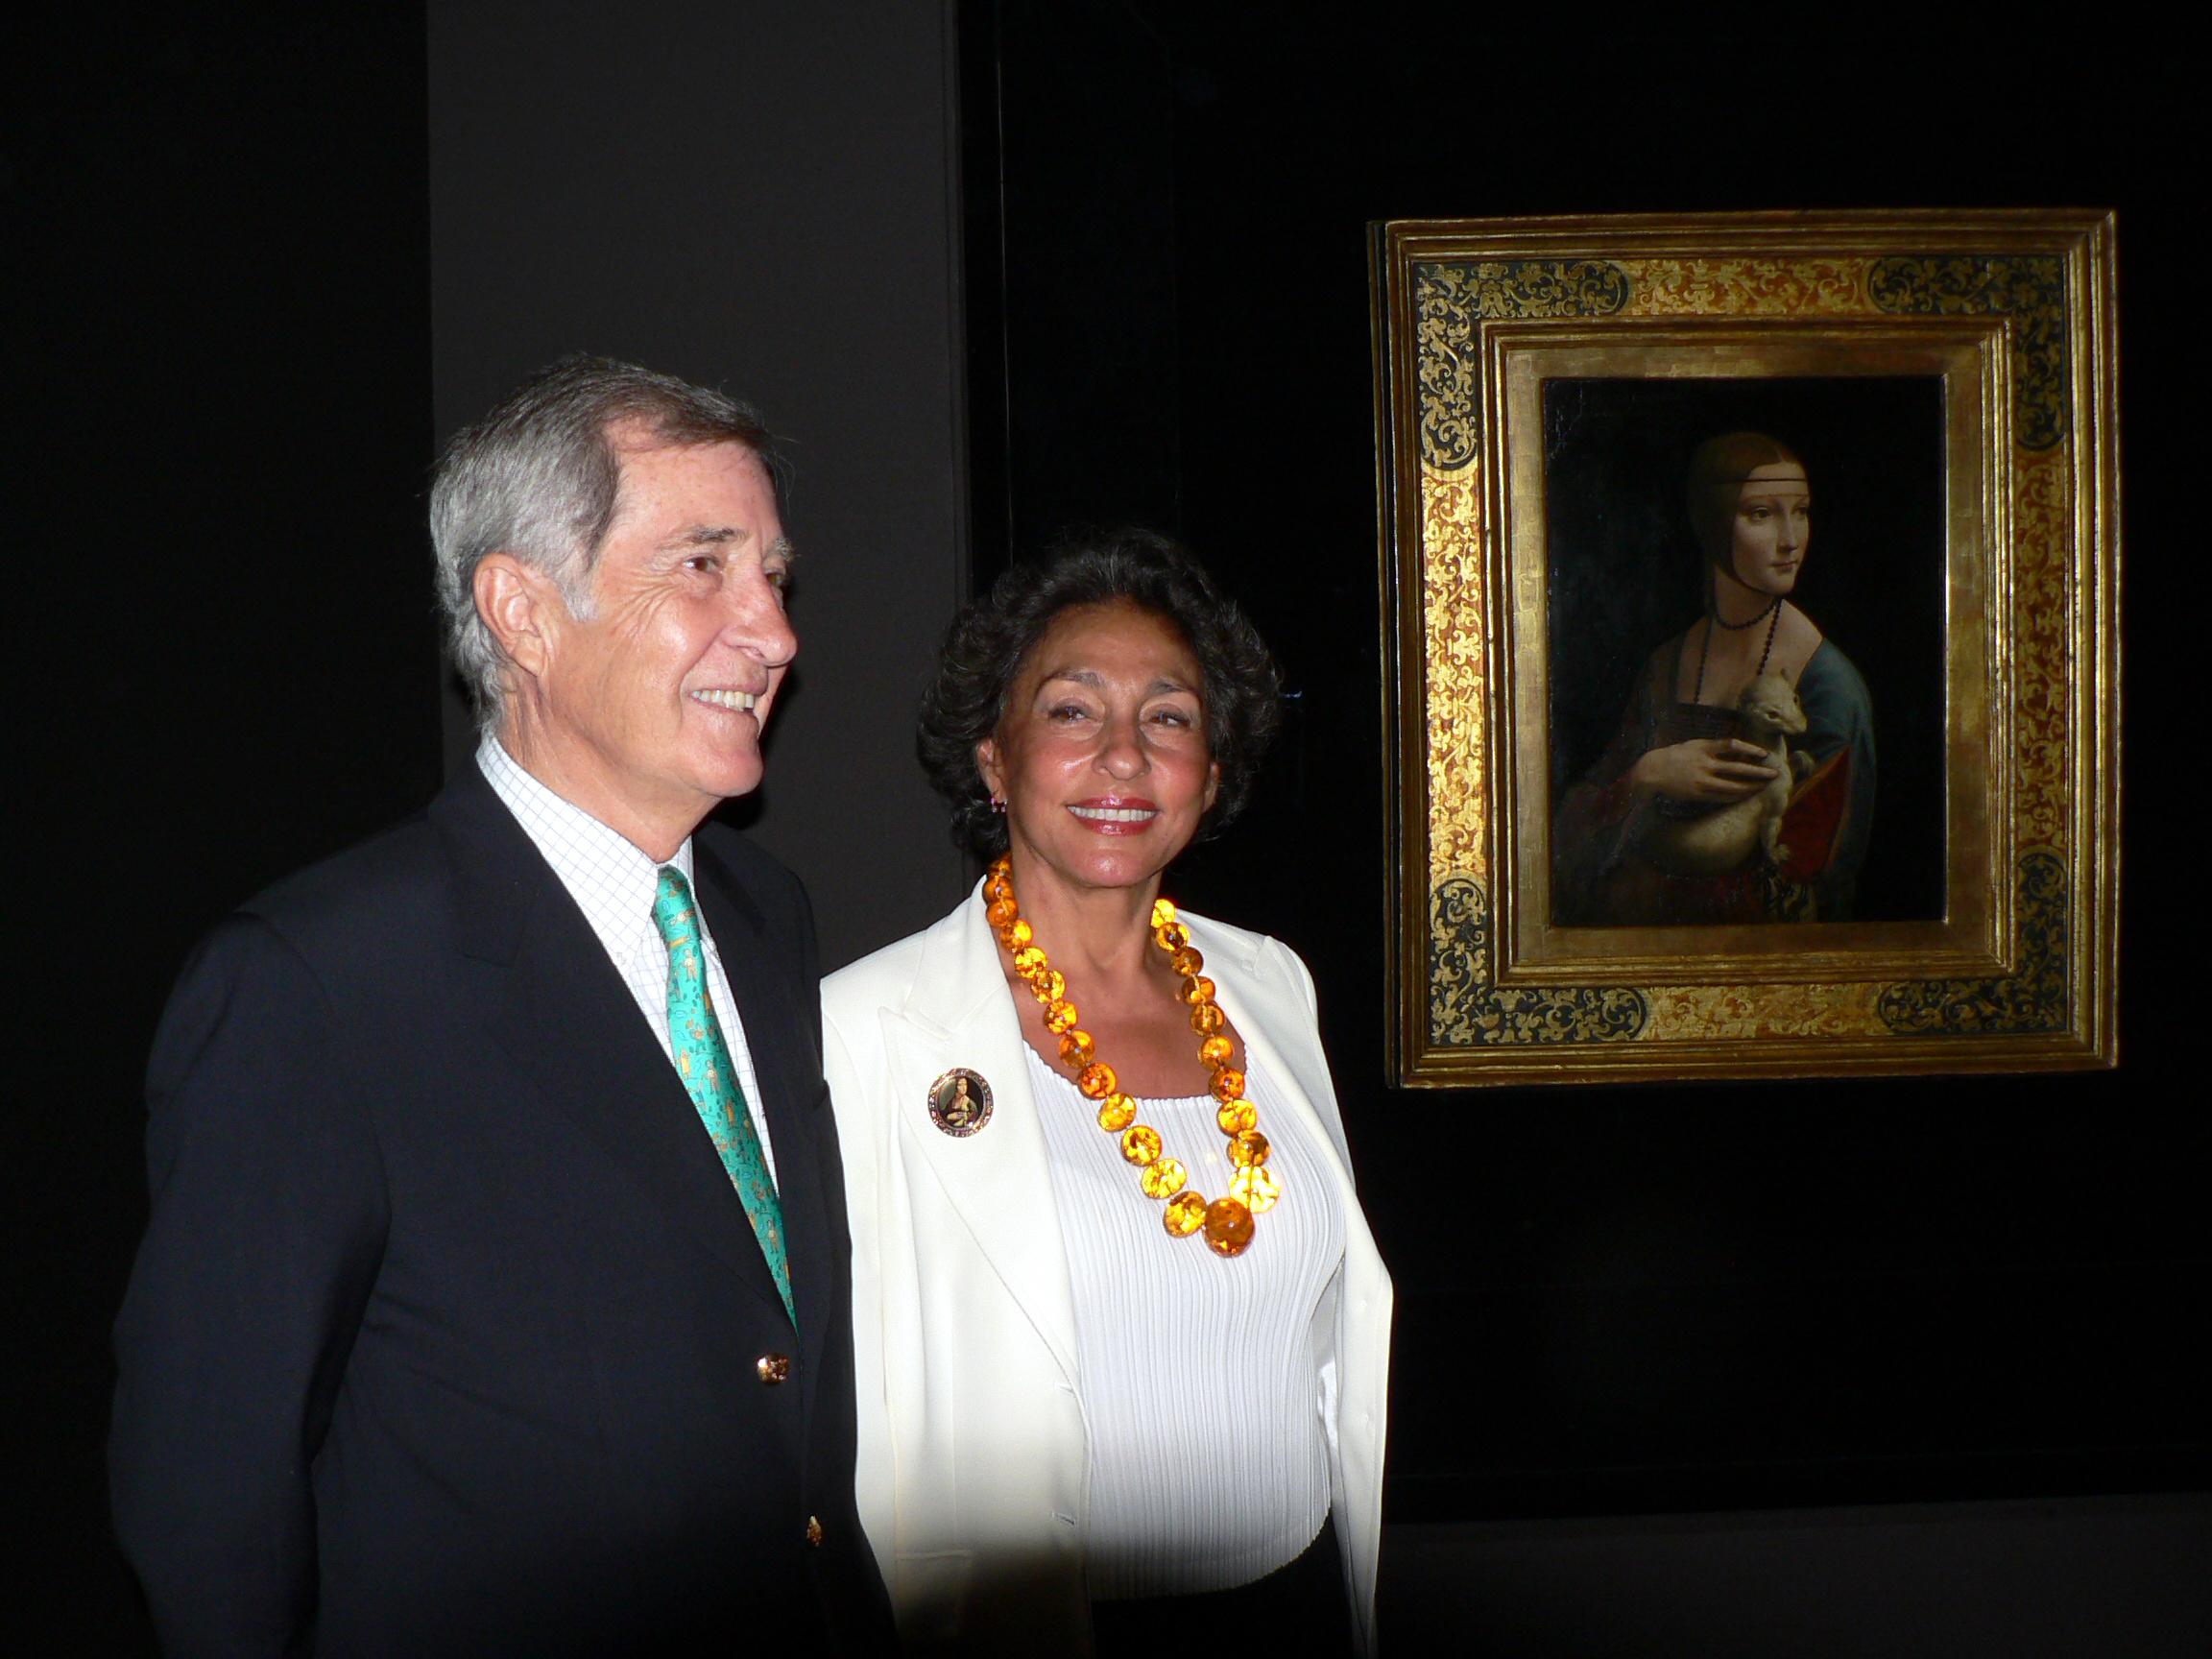 Topp oder Flopp: Die polnische Regierung kauft die Czartoryski-Sammlung, deren bekanntestes Meisterwerk die »Dame mit dem Hermelin« von Leonardo da Vinci ist